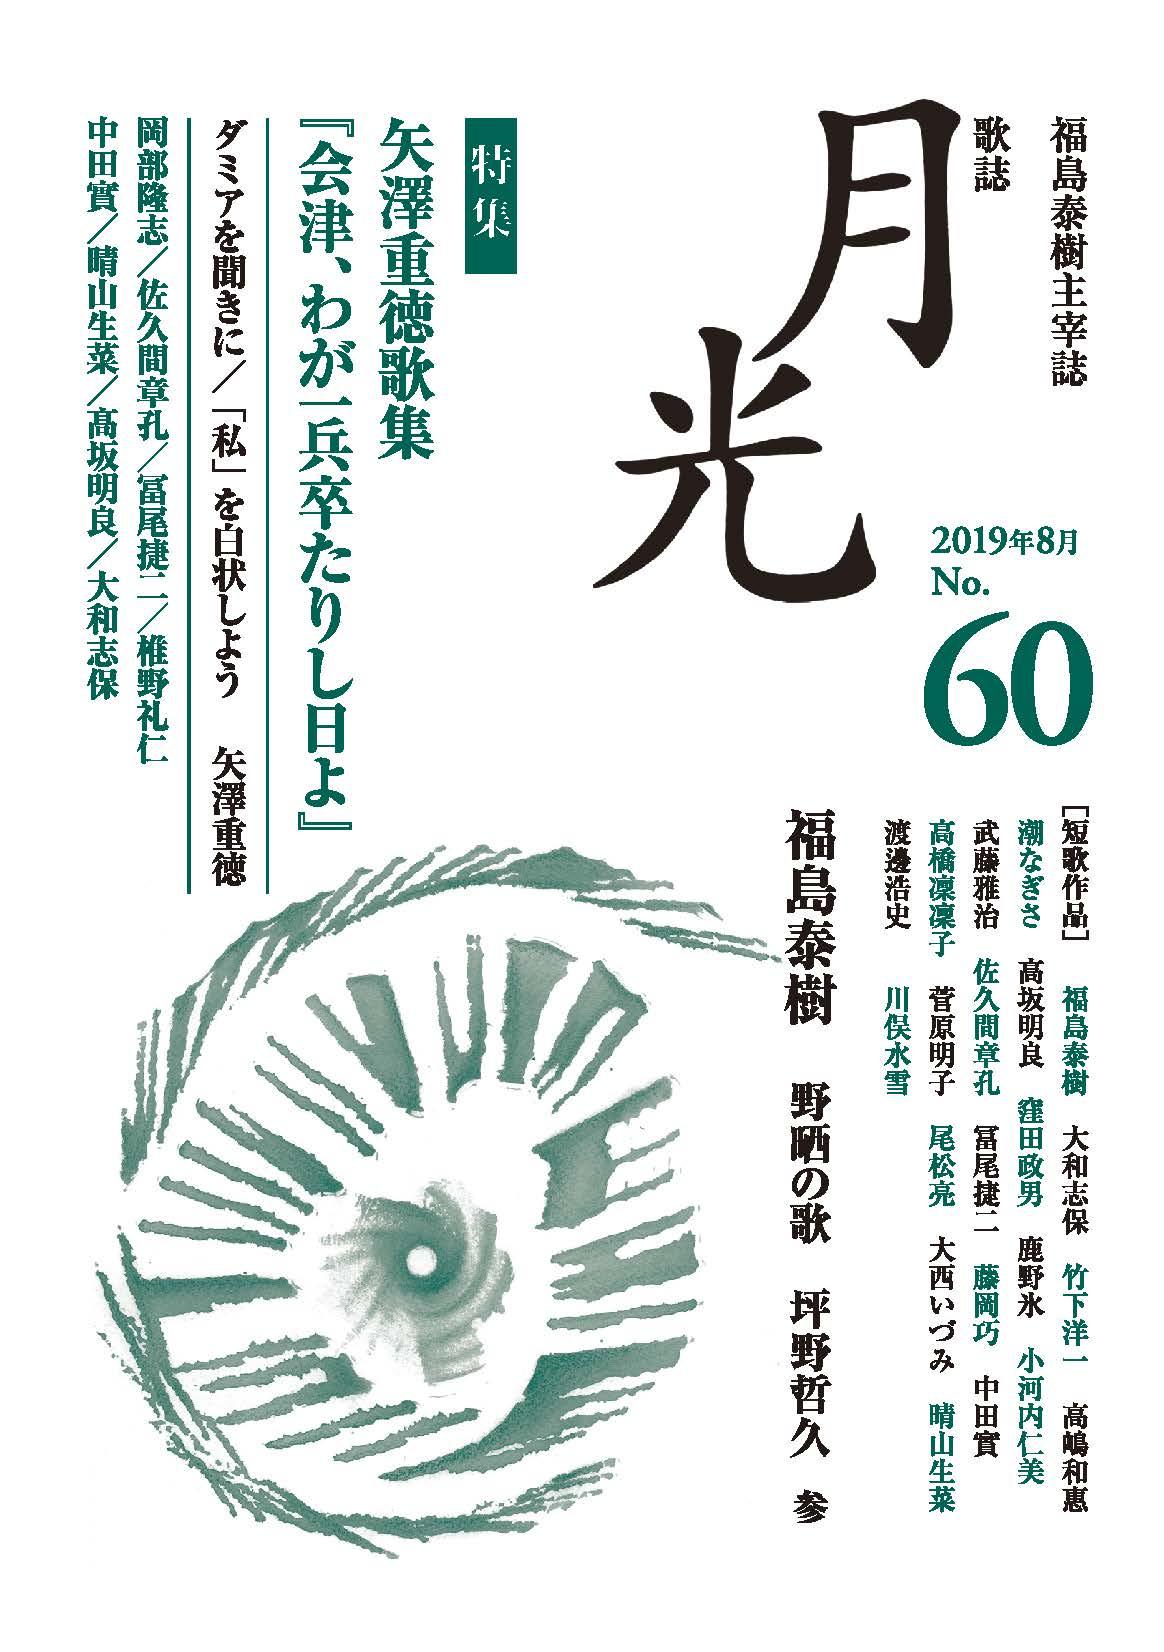 歌誌 月光 60号 福島泰樹(主宰) 竹下洋一(編)